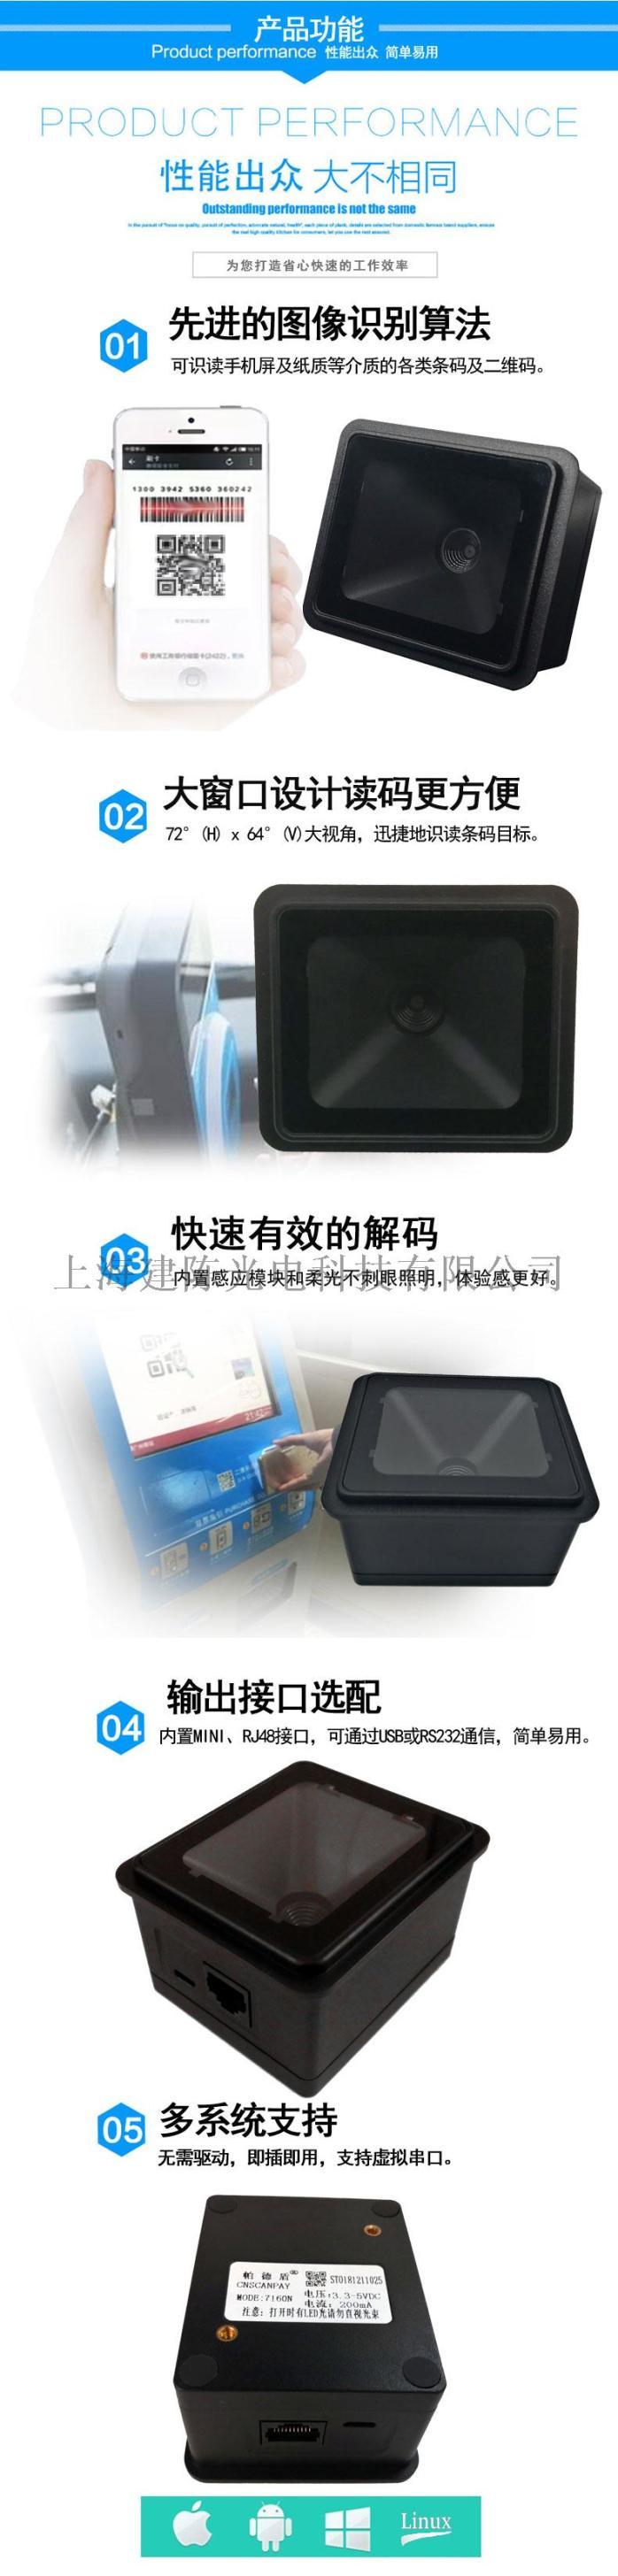 7160N-2D-嵌入式掃描模組_02.jpg